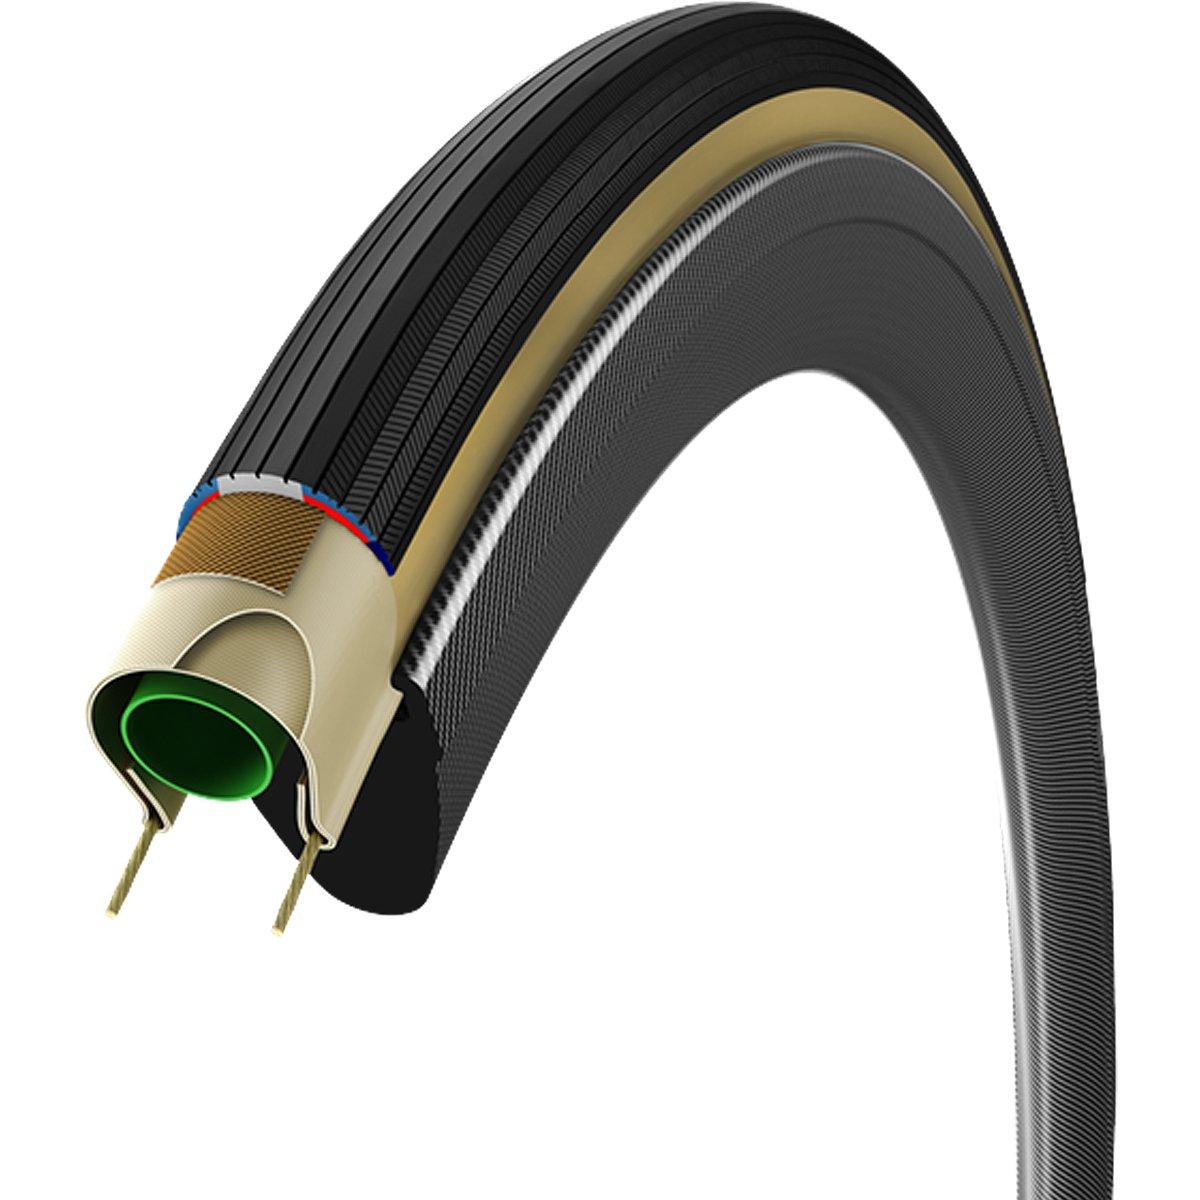 Vittoria Corsa Control G+, Color: para/Black/Black, Size: 700x25c (1113CC0025411BX)